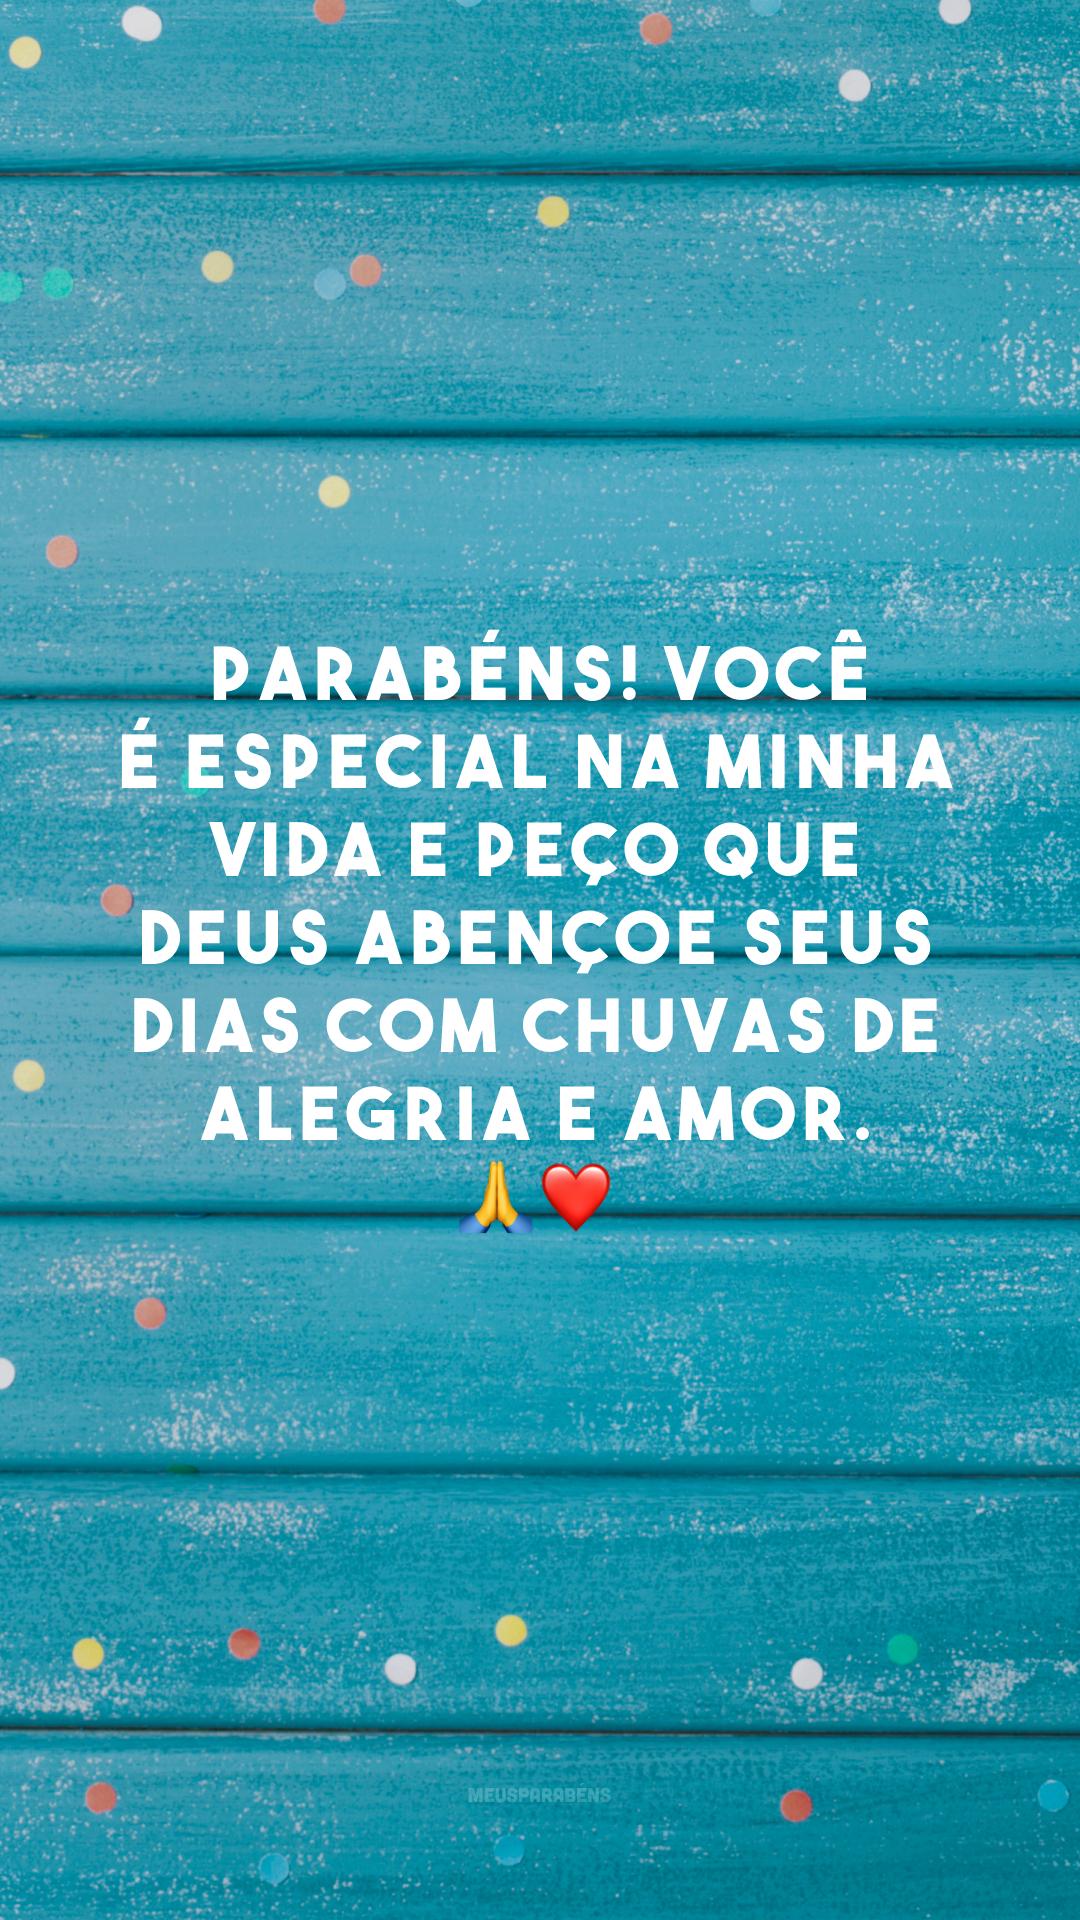 Parabéns! Você é especial na minha vida e peço que Deus abençoe seus dias com chuvas de alegria e amor. 🙏❤️